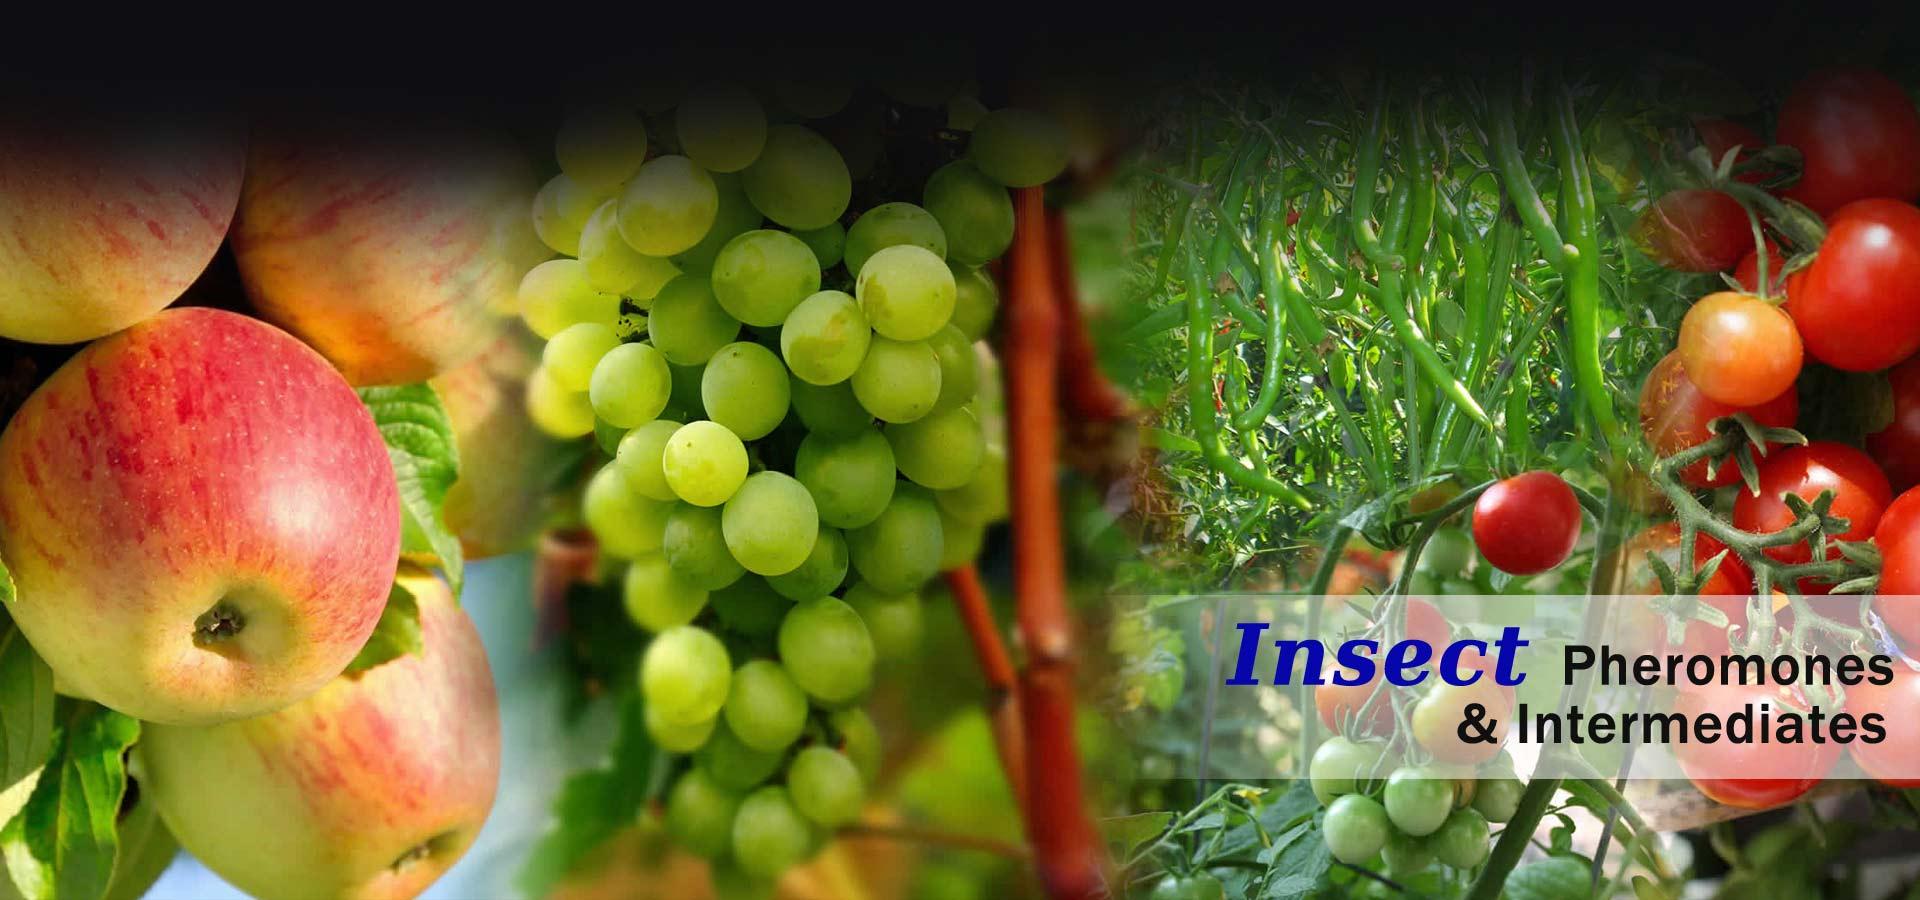 Insect Pheromones and Intermediates